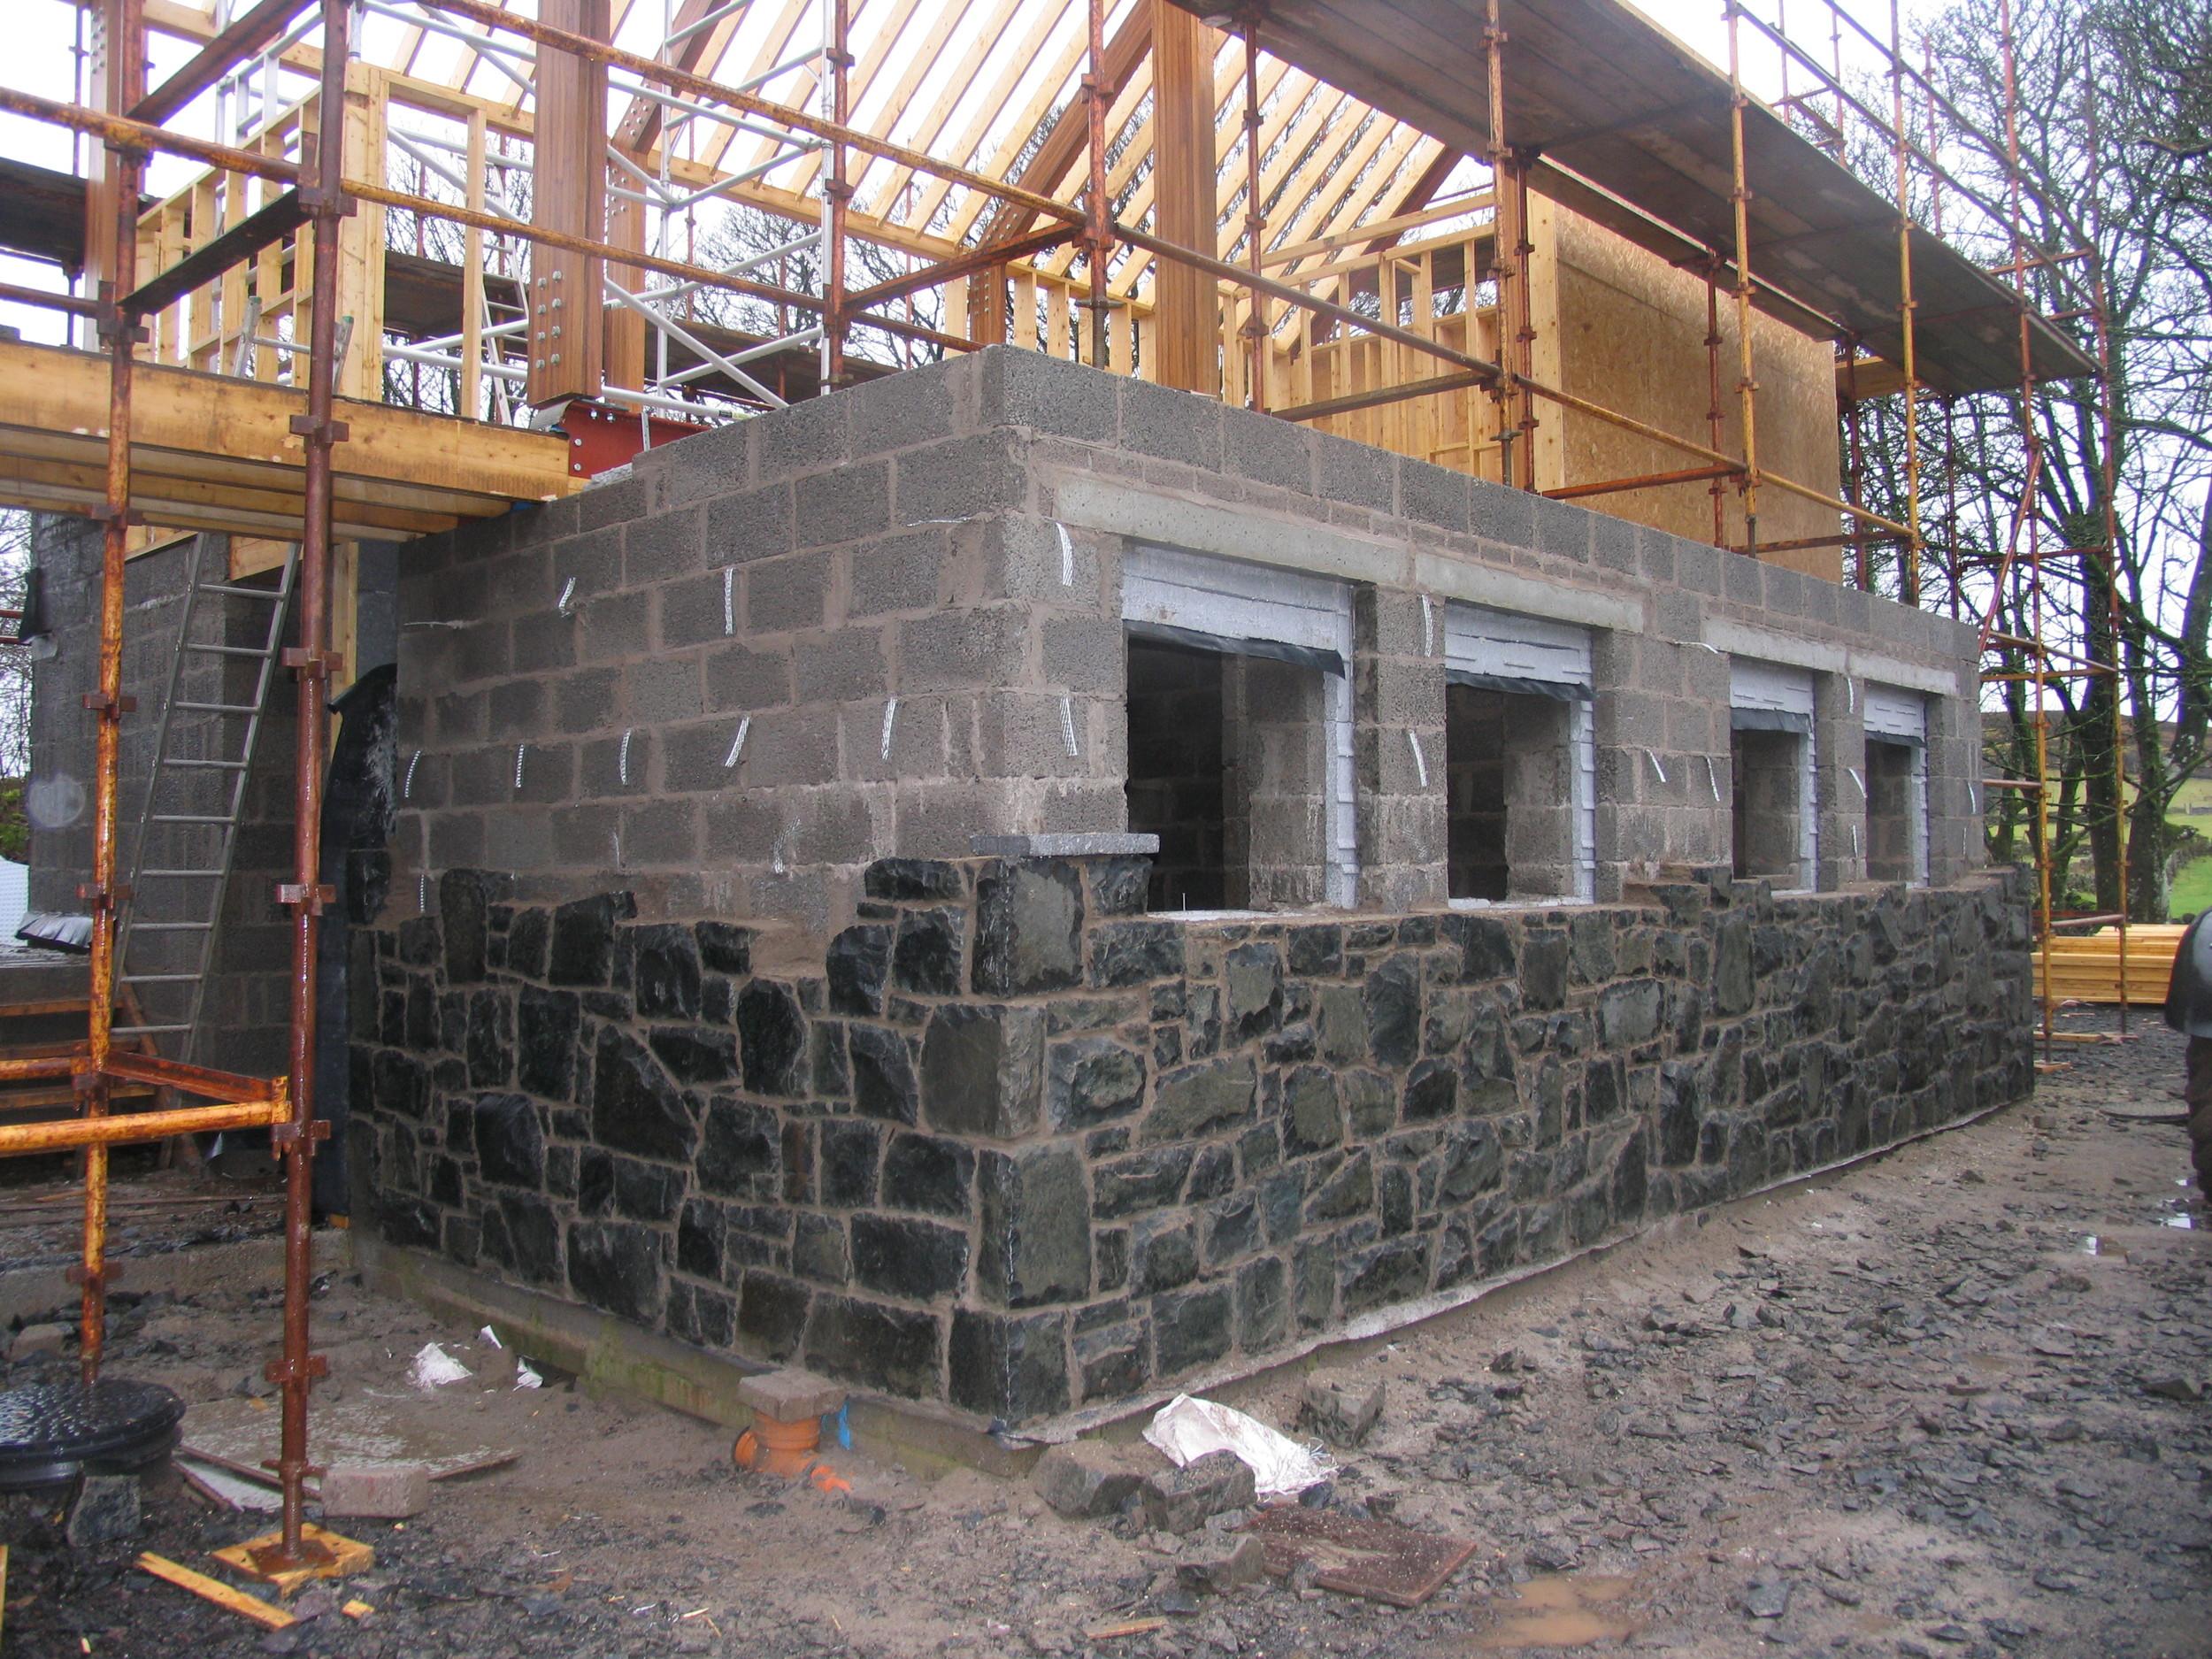 corkey stonework underway